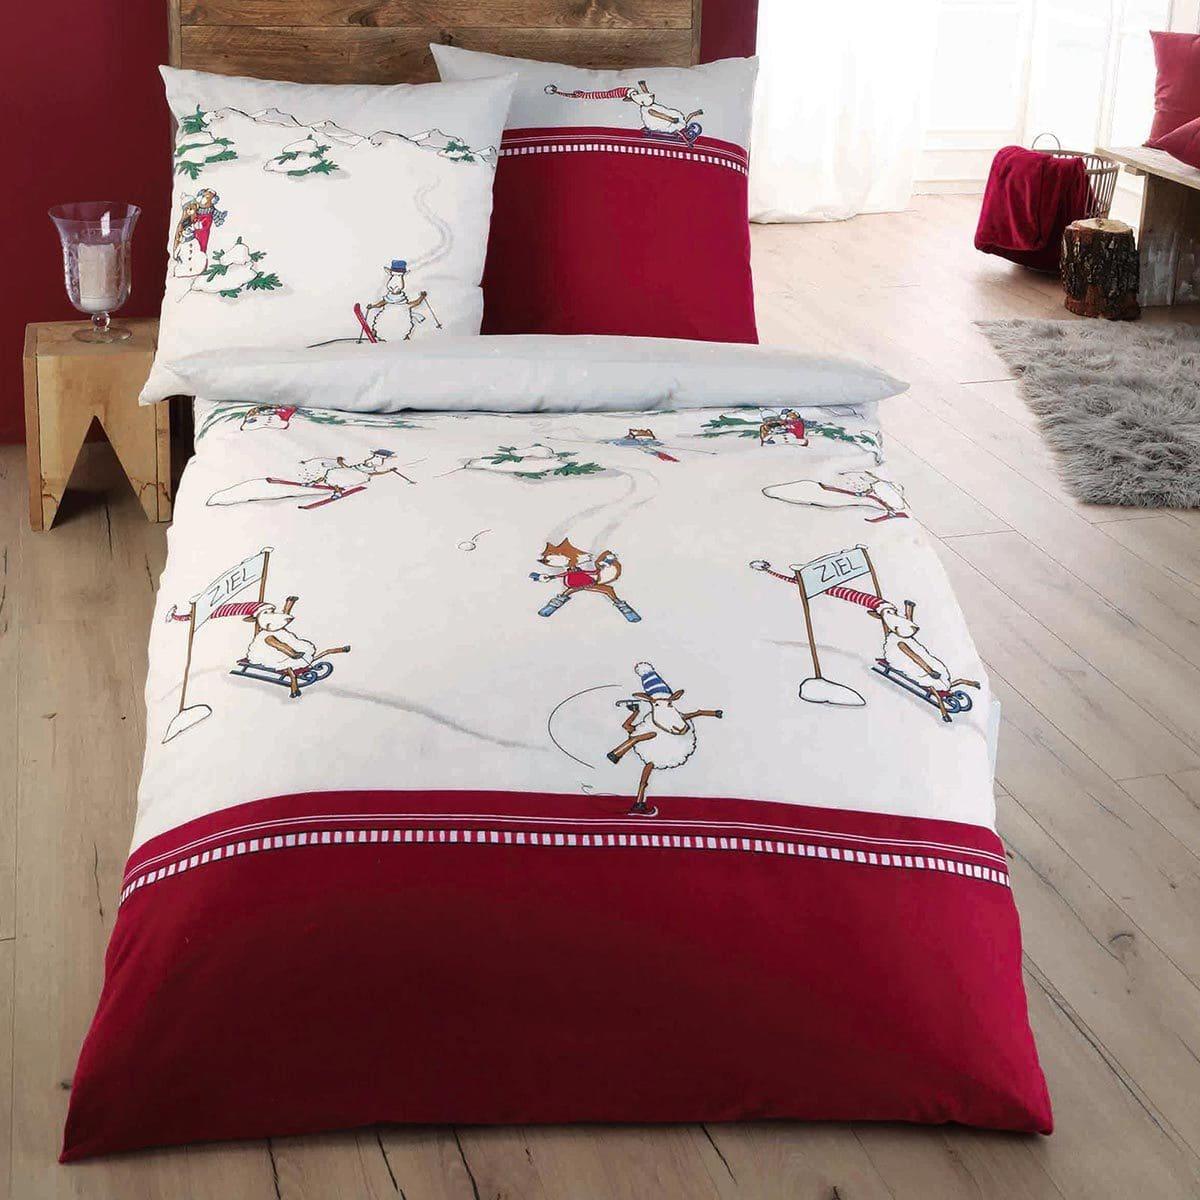 kaeppel biber bettw sche auf schnellen kufen bordeaux g nstig online kaufen bei bettwaren shop. Black Bedroom Furniture Sets. Home Design Ideas